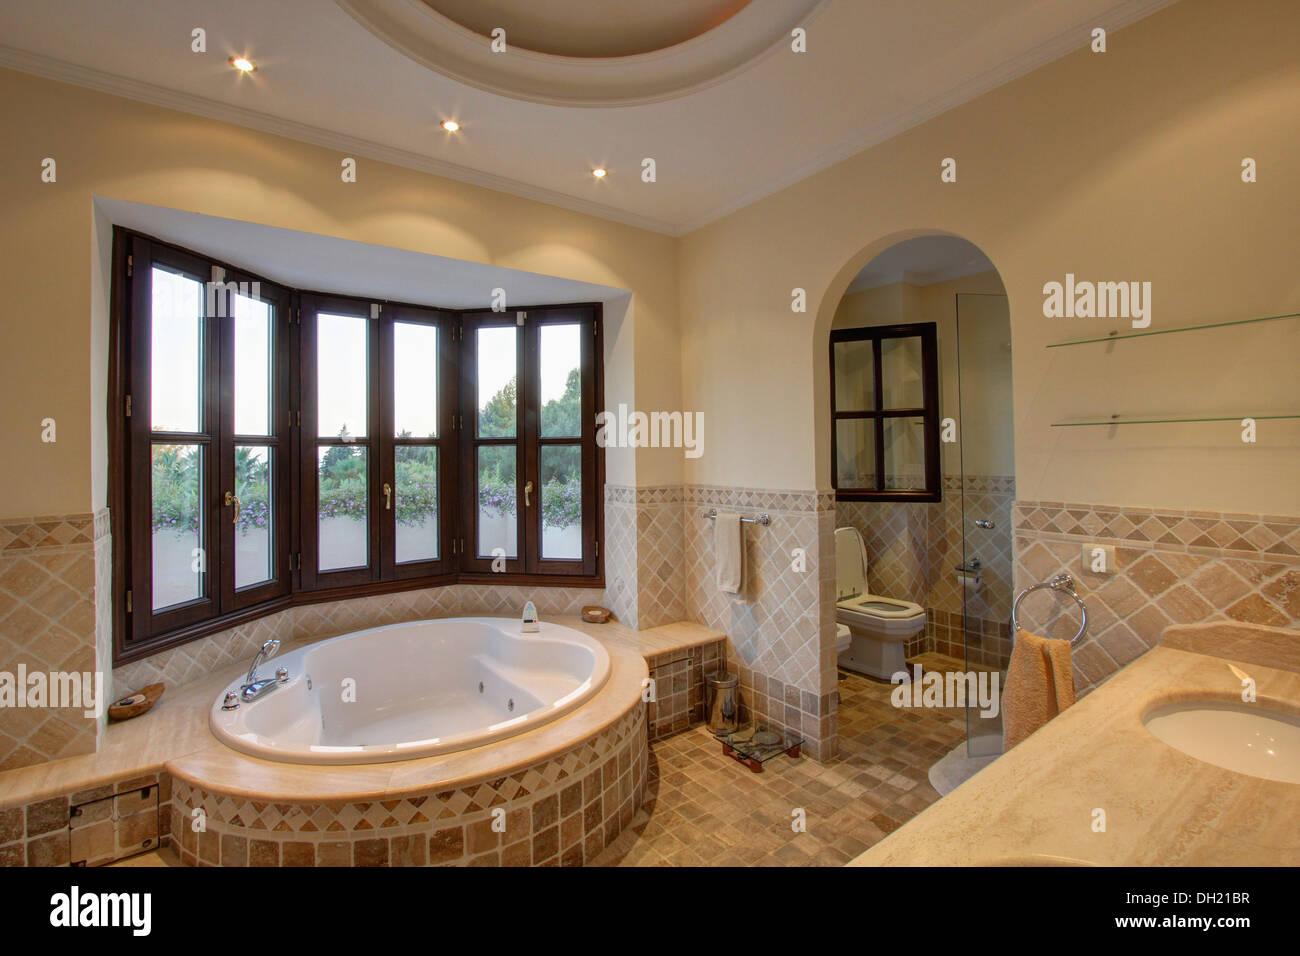 Vasca Da Bagno In Spagnolo : Oval vasca termale sotto finestra di baia in spagnolo moderno